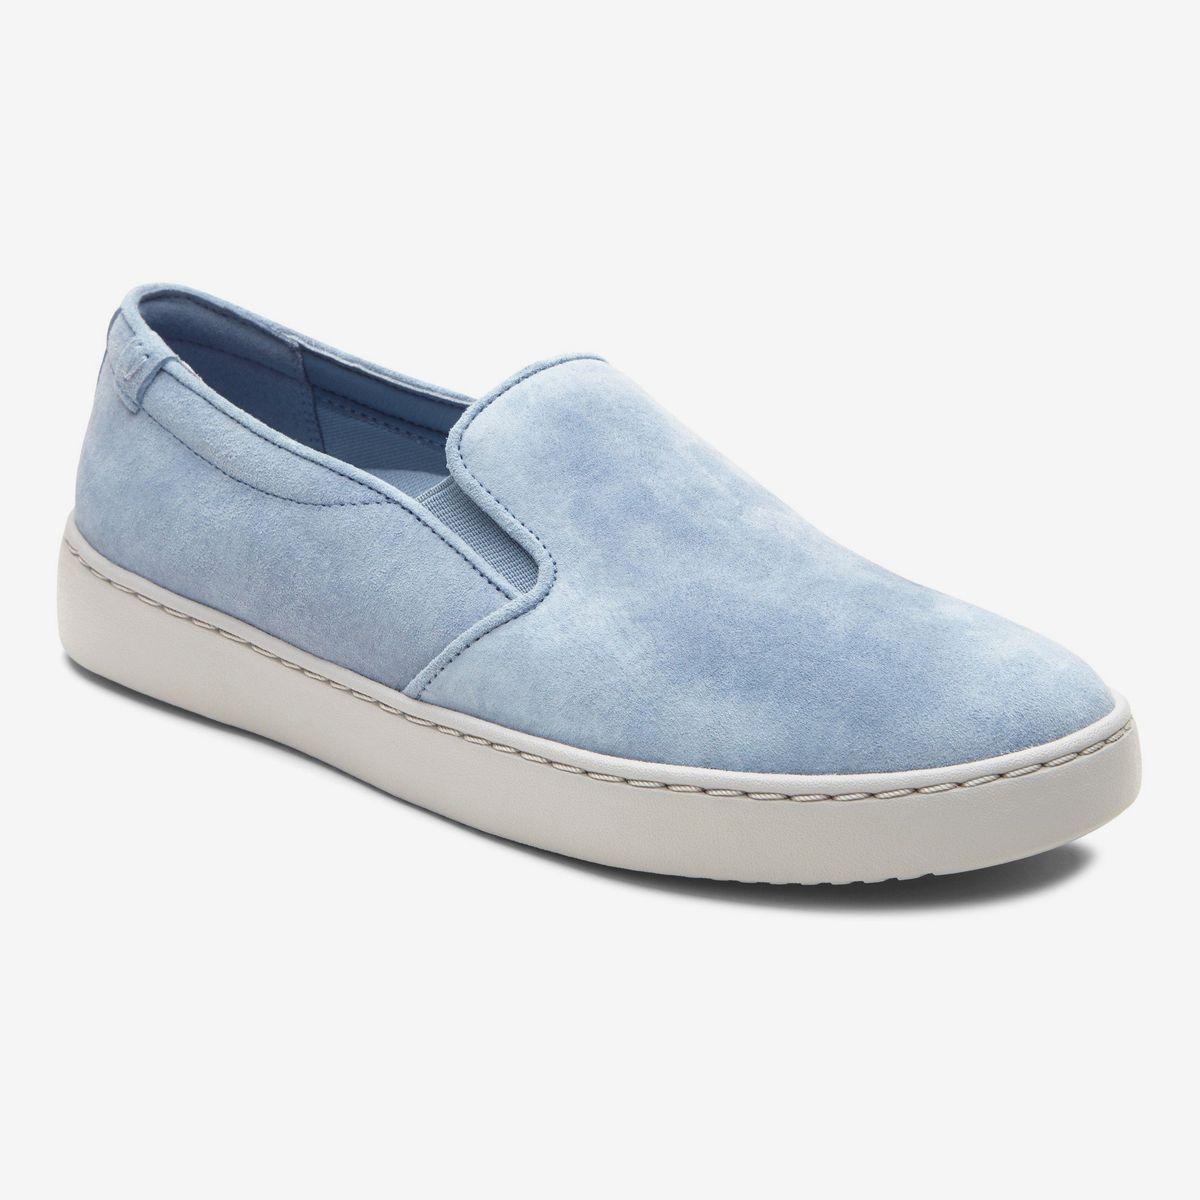 Kids Dress Shoes Lace Up Derbies Closed Toe Shoes Black Size 10-4